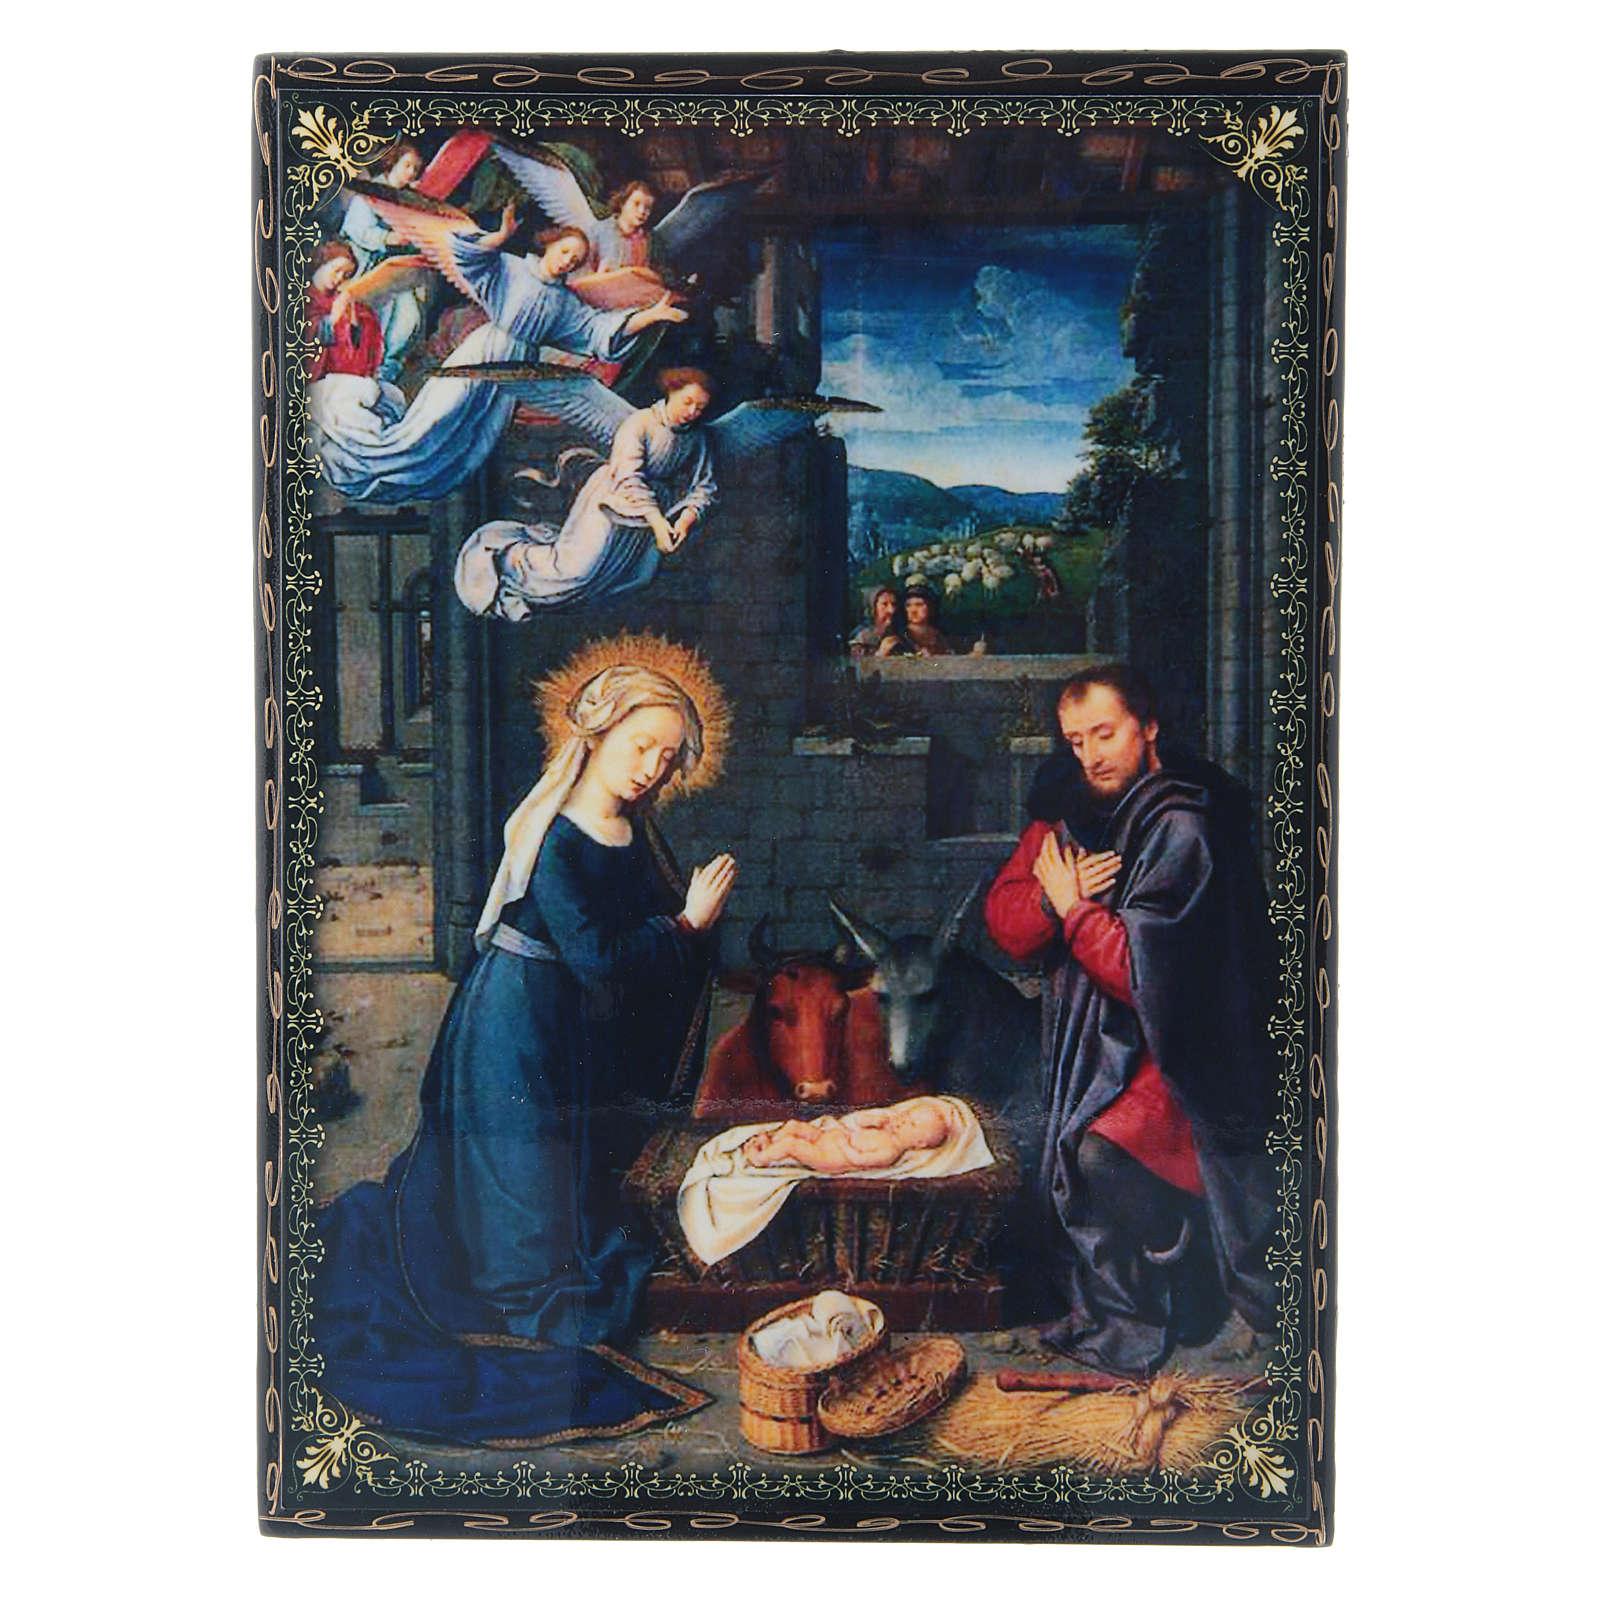 Laca papel maché decorada El Nacimiento de Jesús Cristo 22x16 cm 4